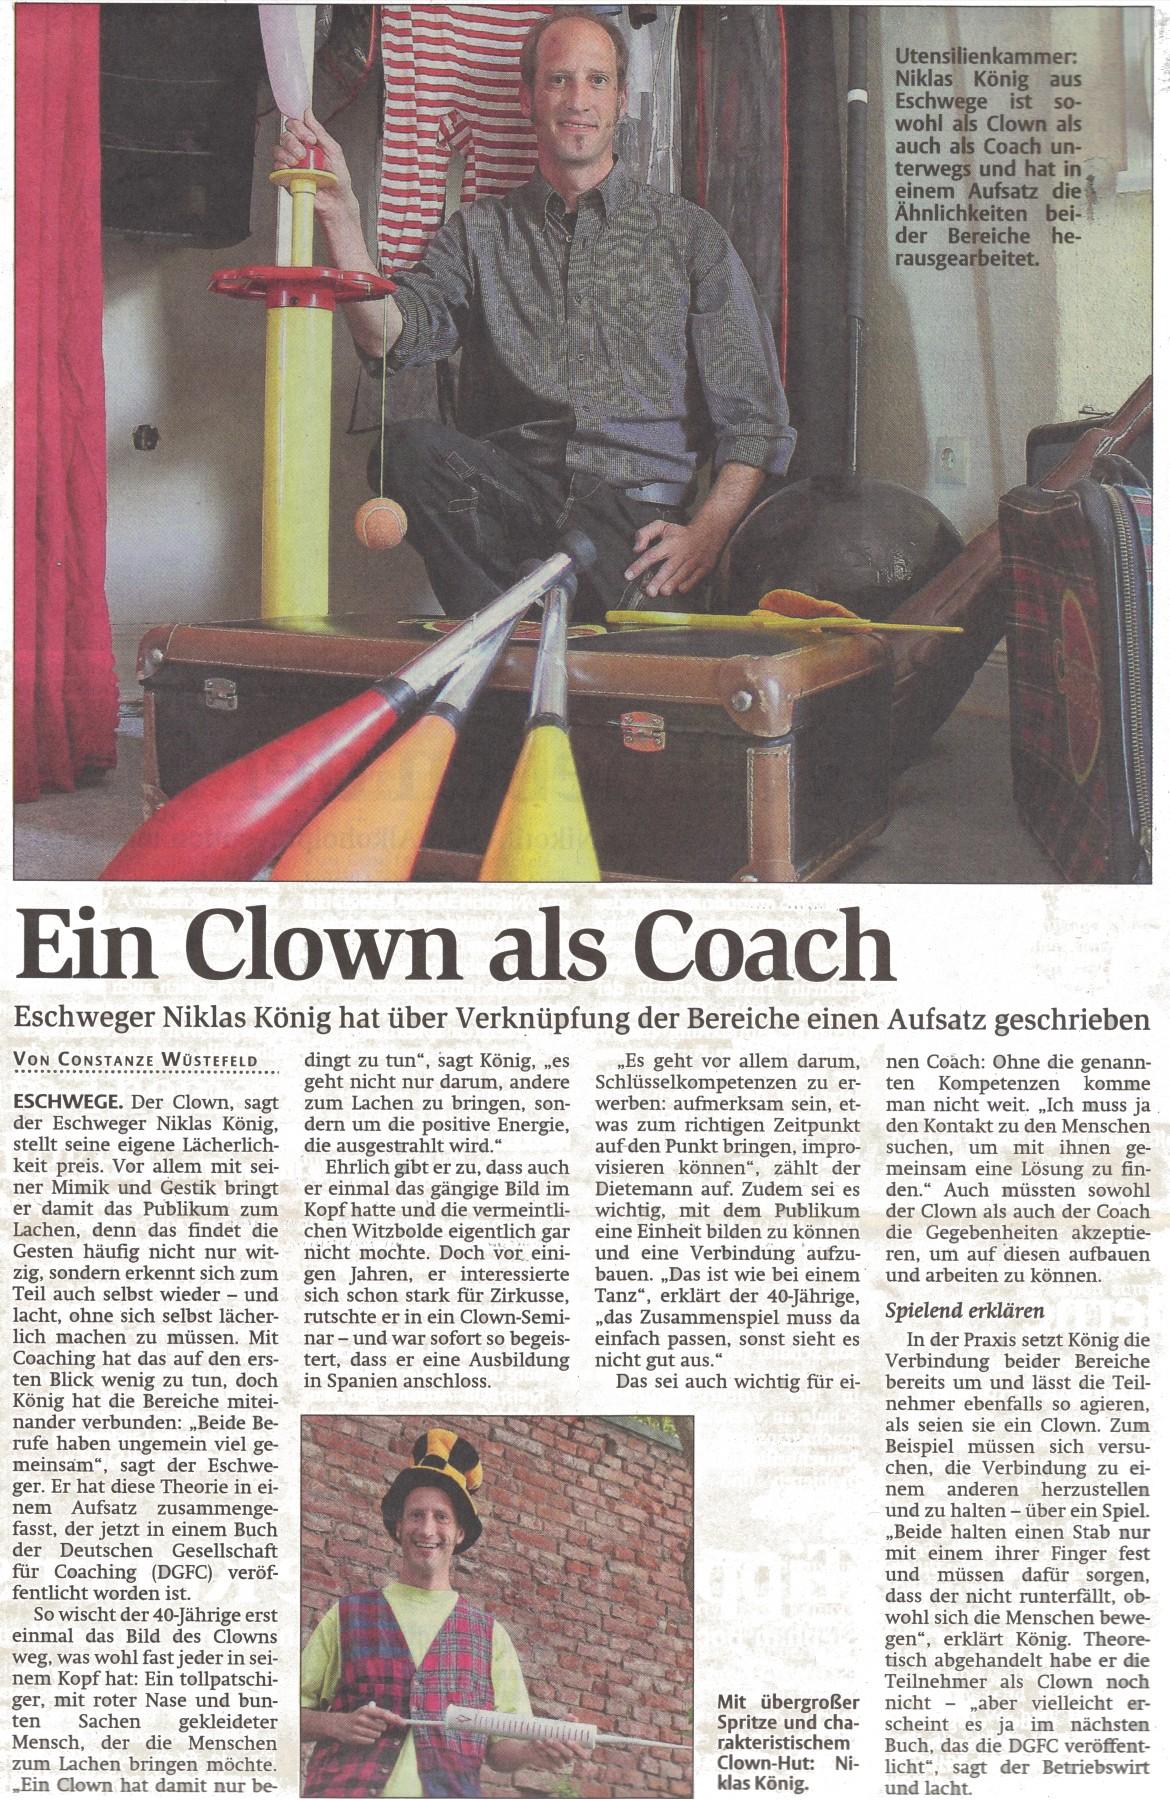 WR - 17.06.2015 - Ein Clown als Coach